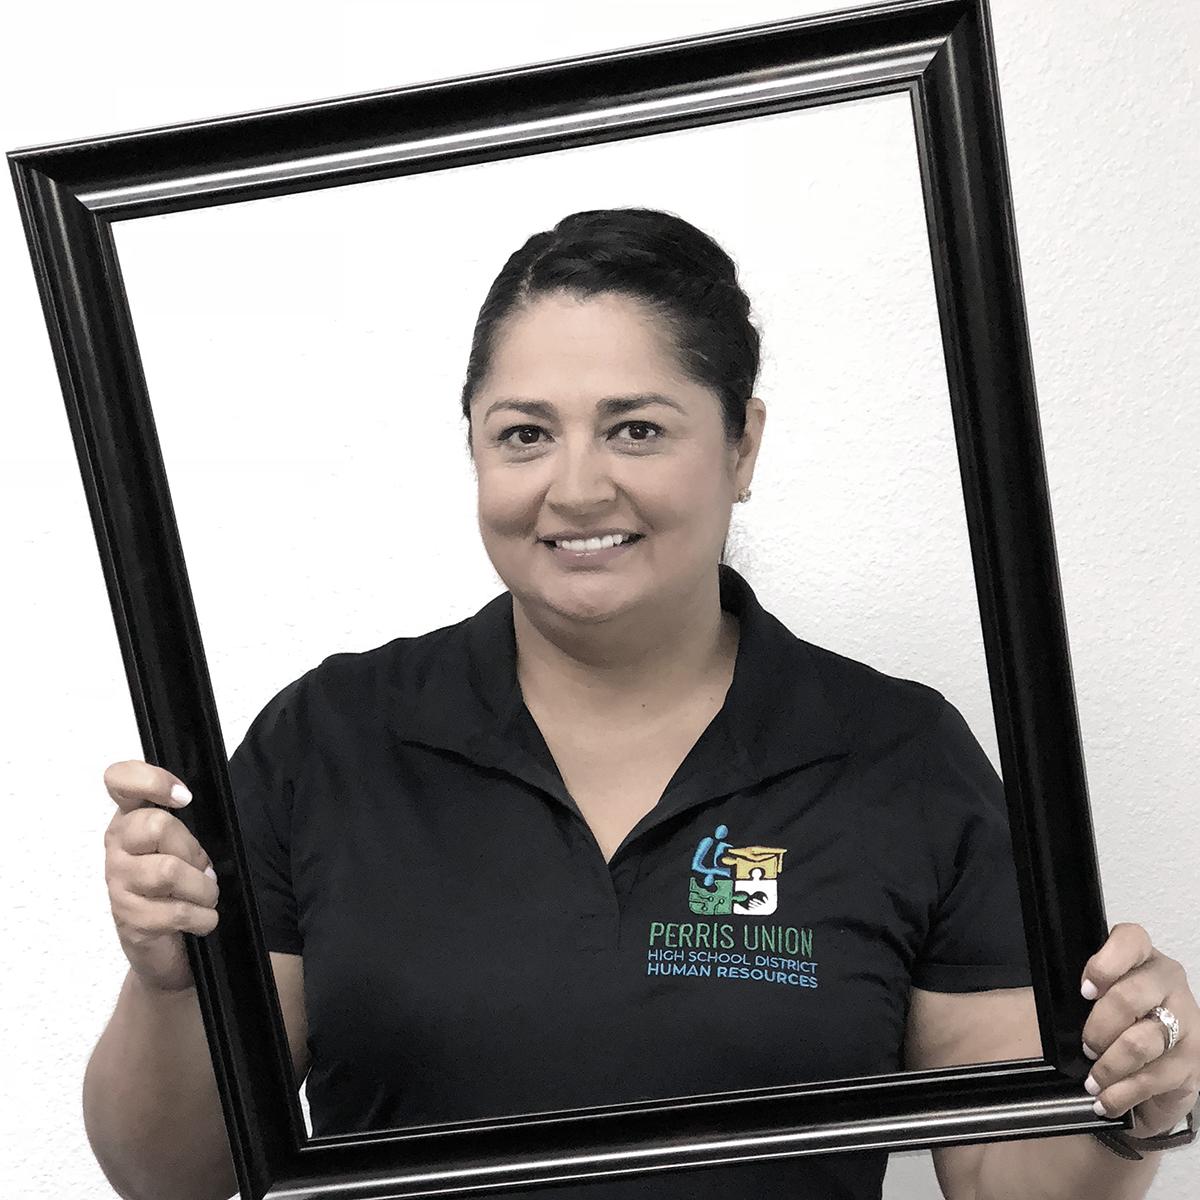 Image of Mayra Chavez